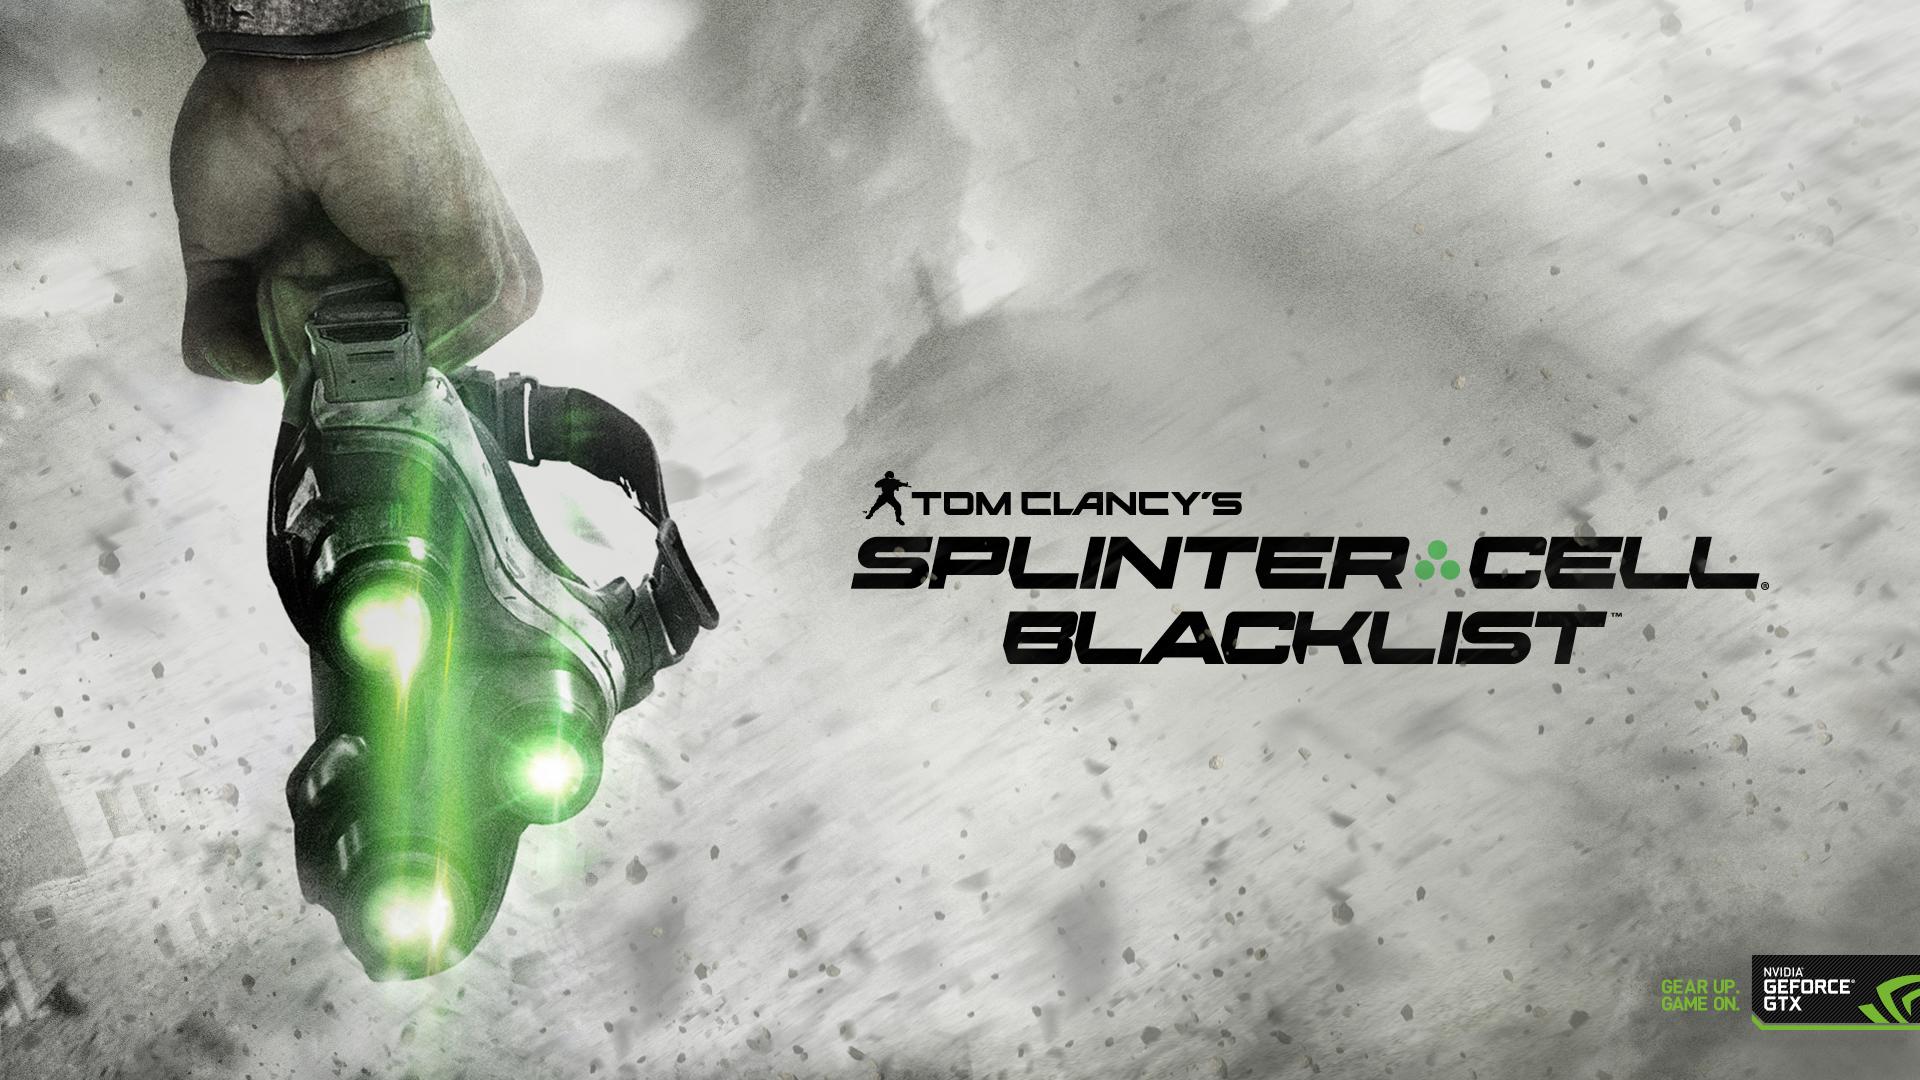 Splinter Cell Blacklist Wallpaper 1920x1080